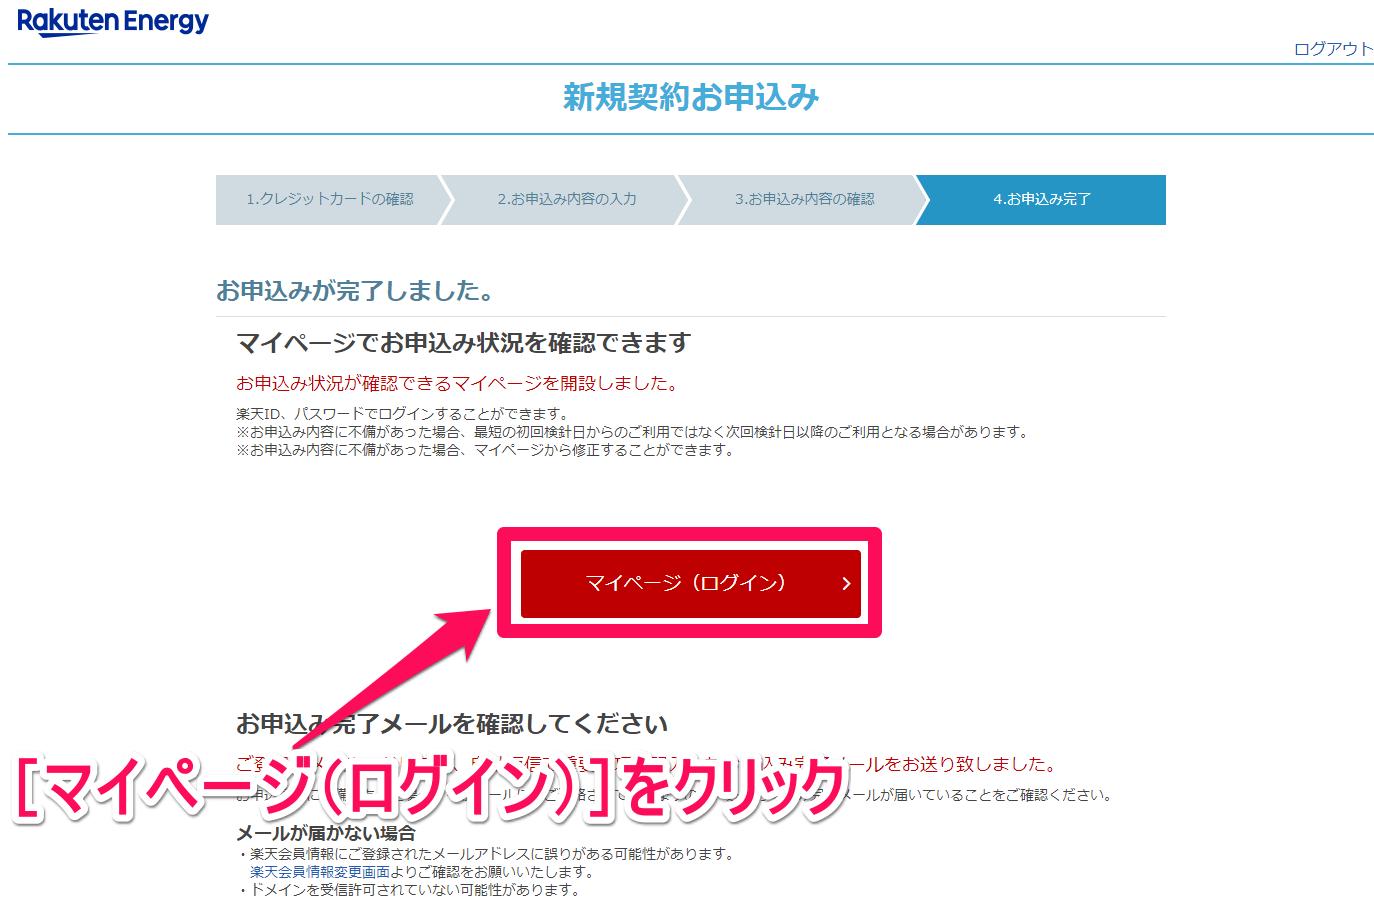 楽天でんき(楽天電気)の[新規契約お申込み]→[お申込み完了]画面